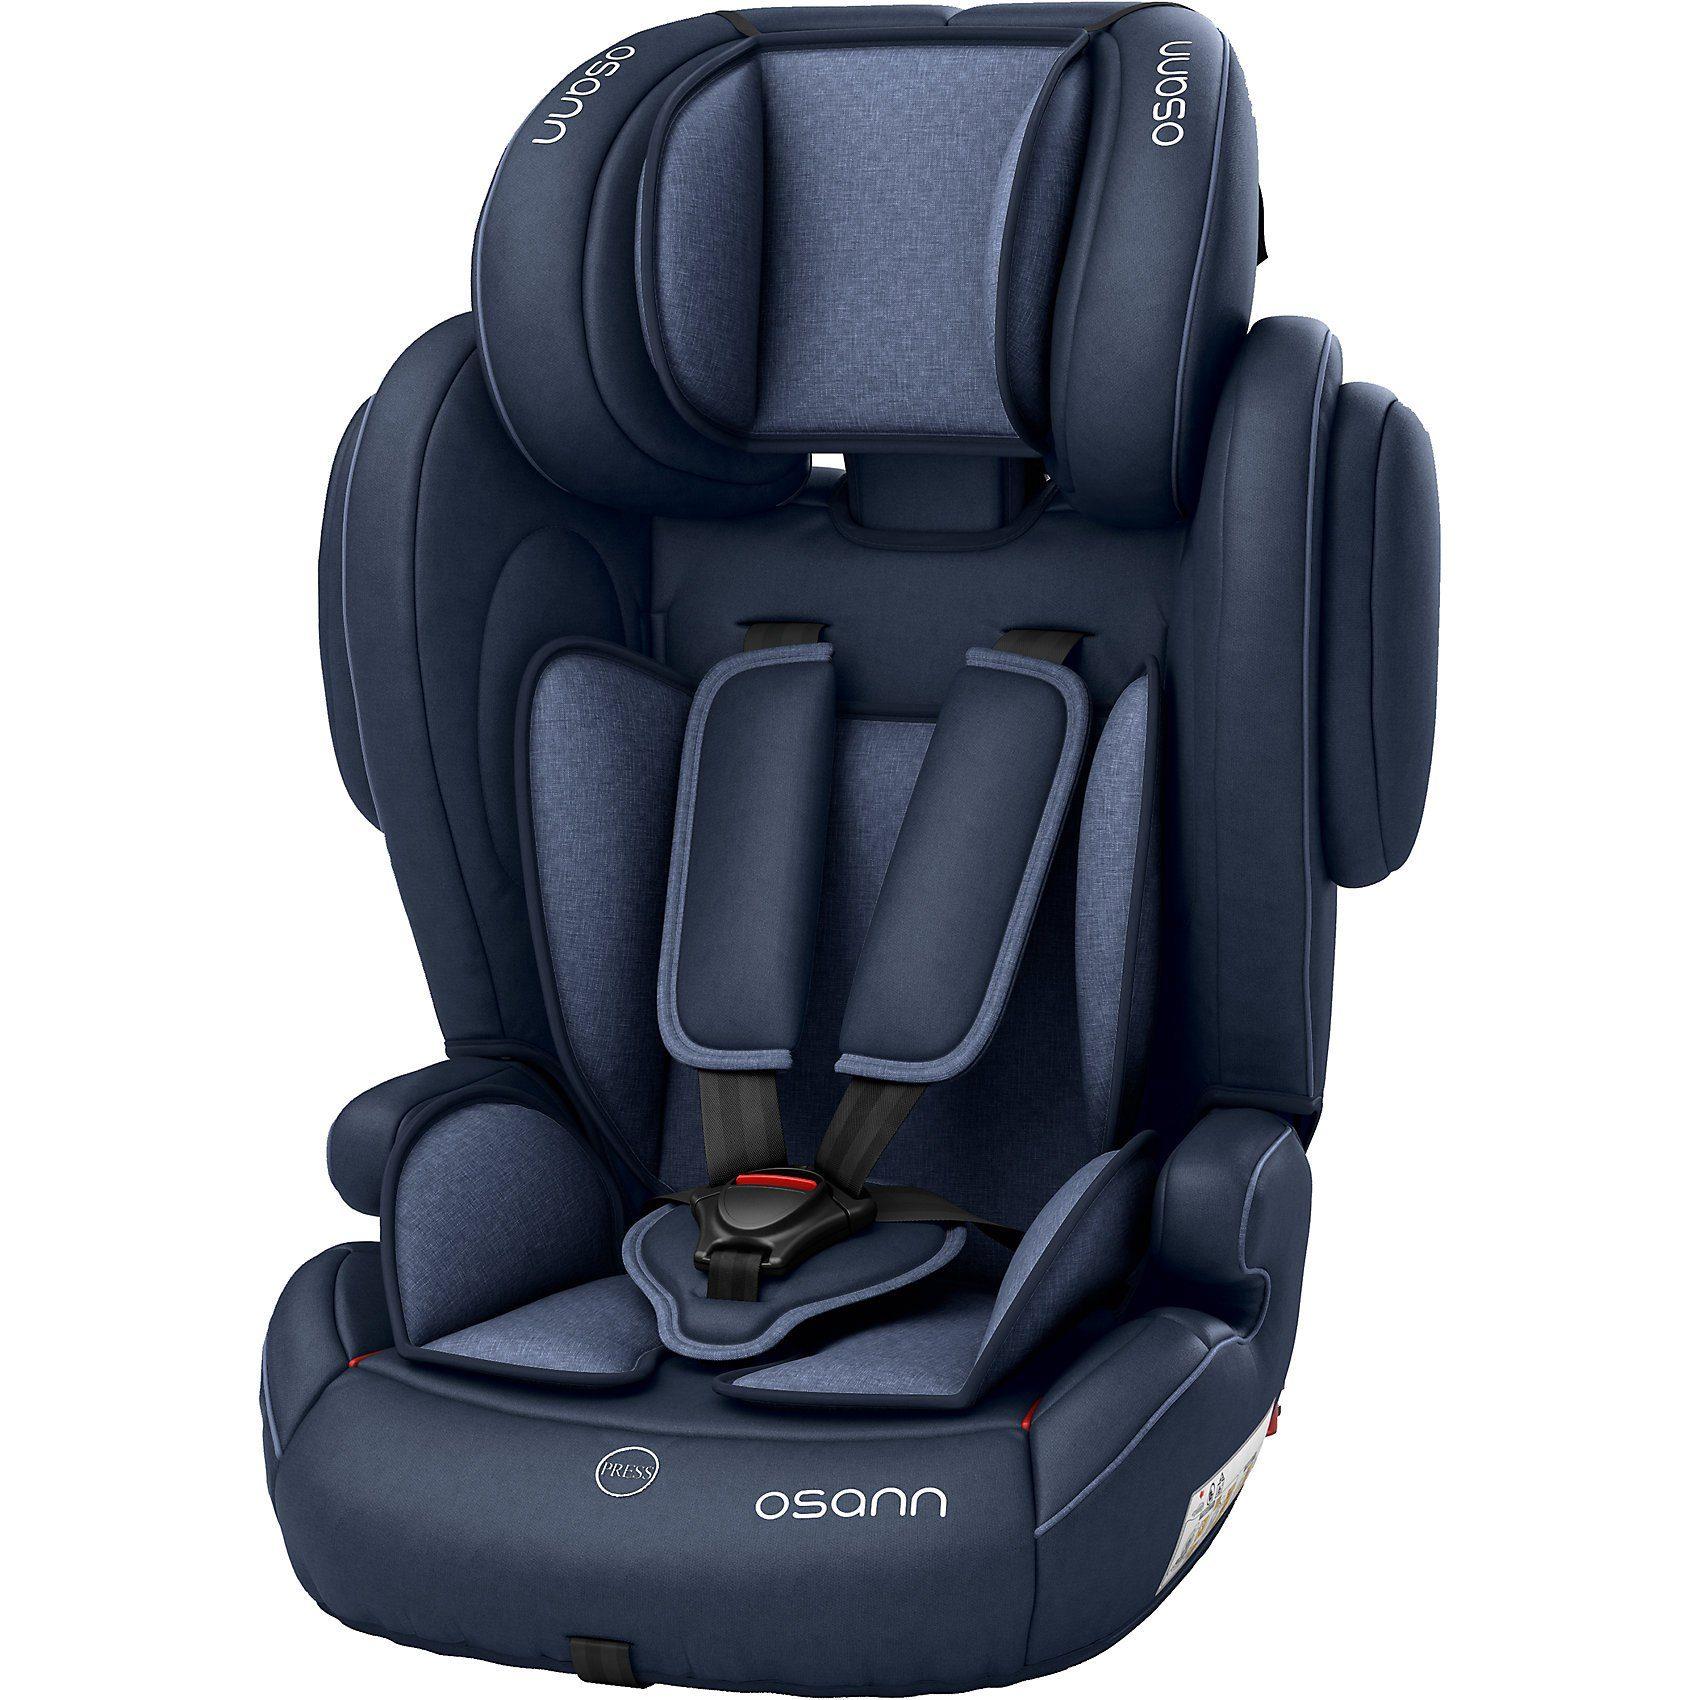 Osann Auto-Kindersitz Flux Isofix, Navy Melange, 2018